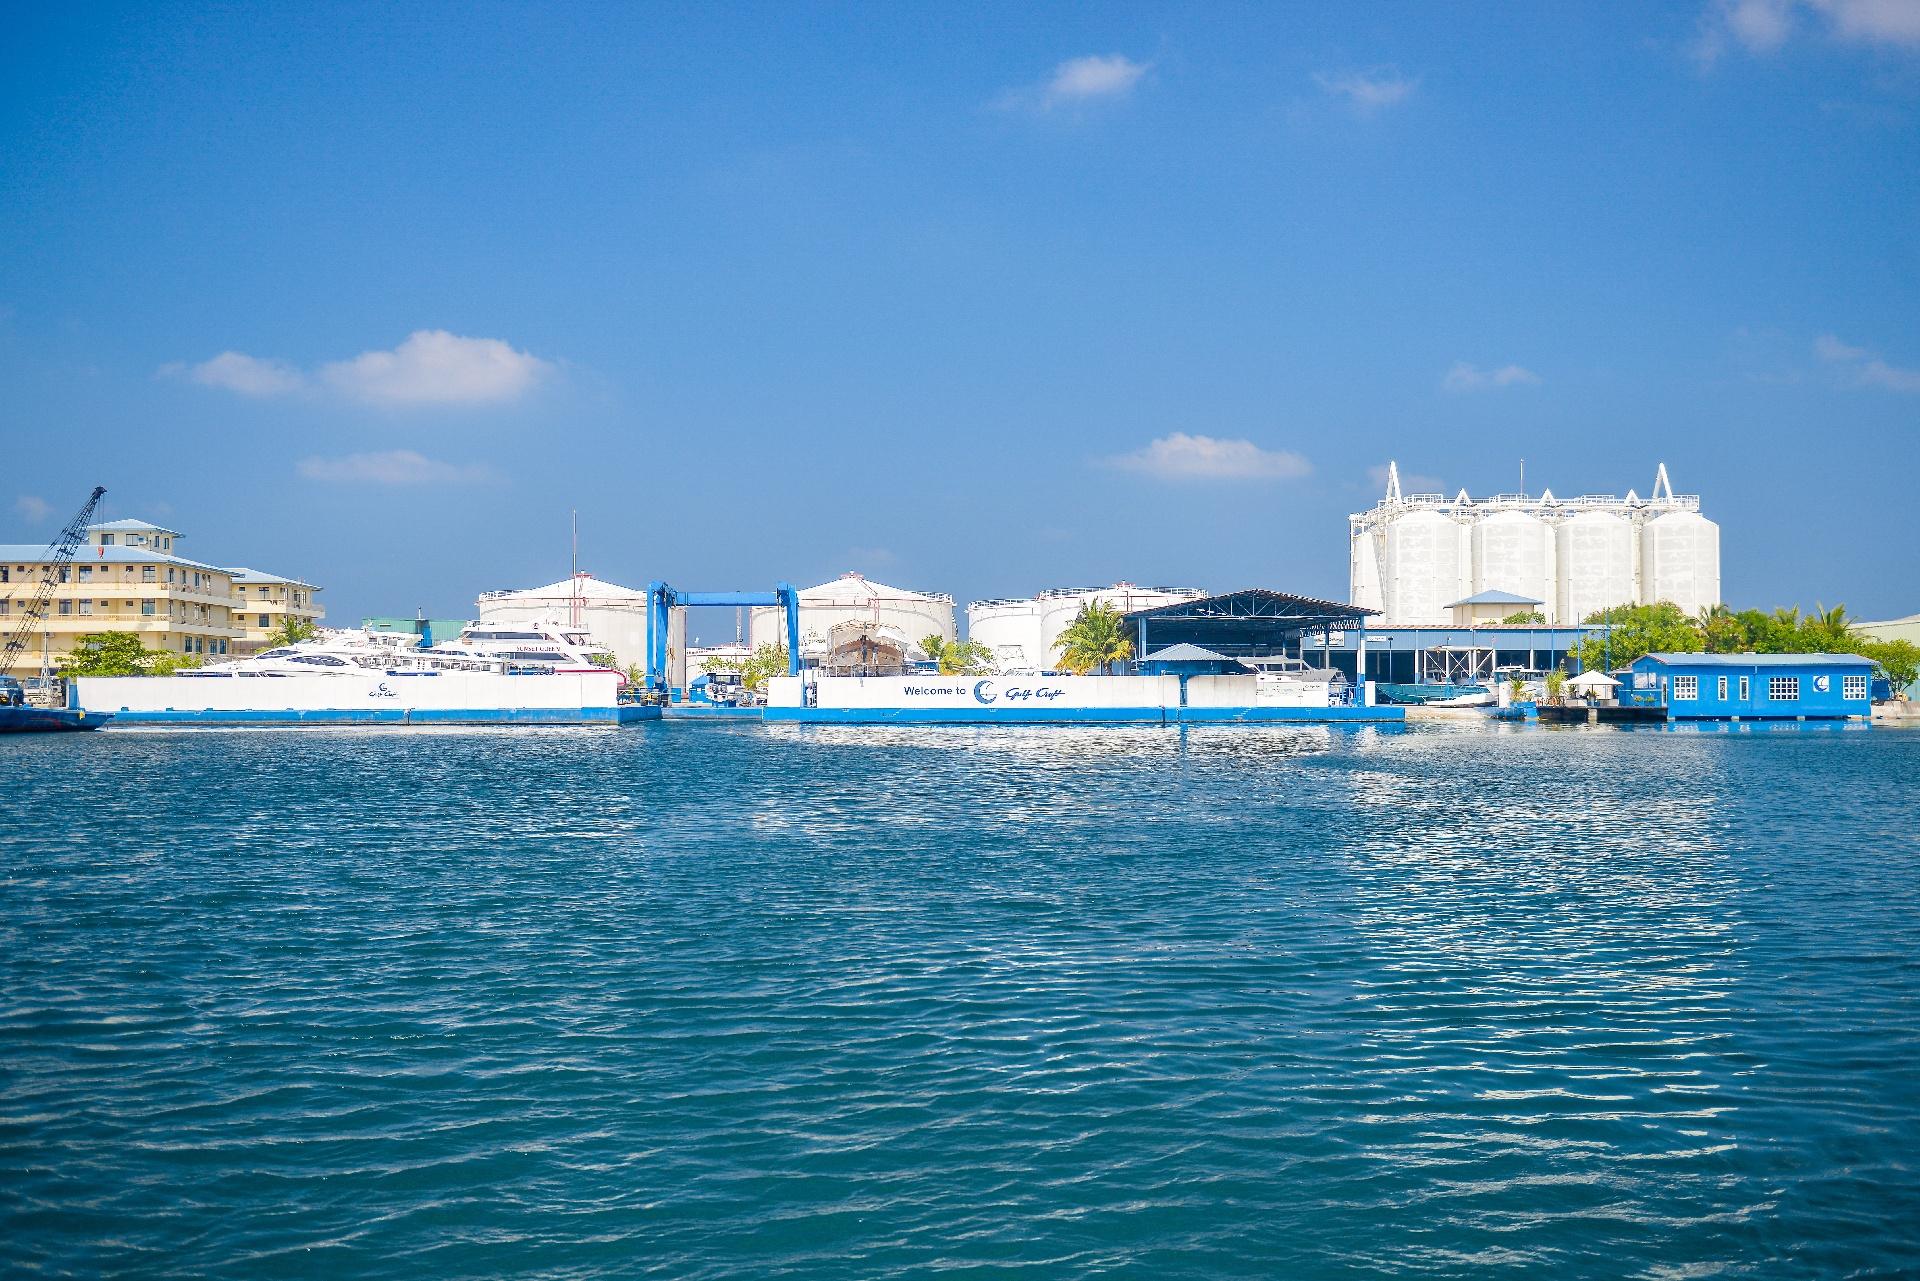 Gulf Craft Maldives-1